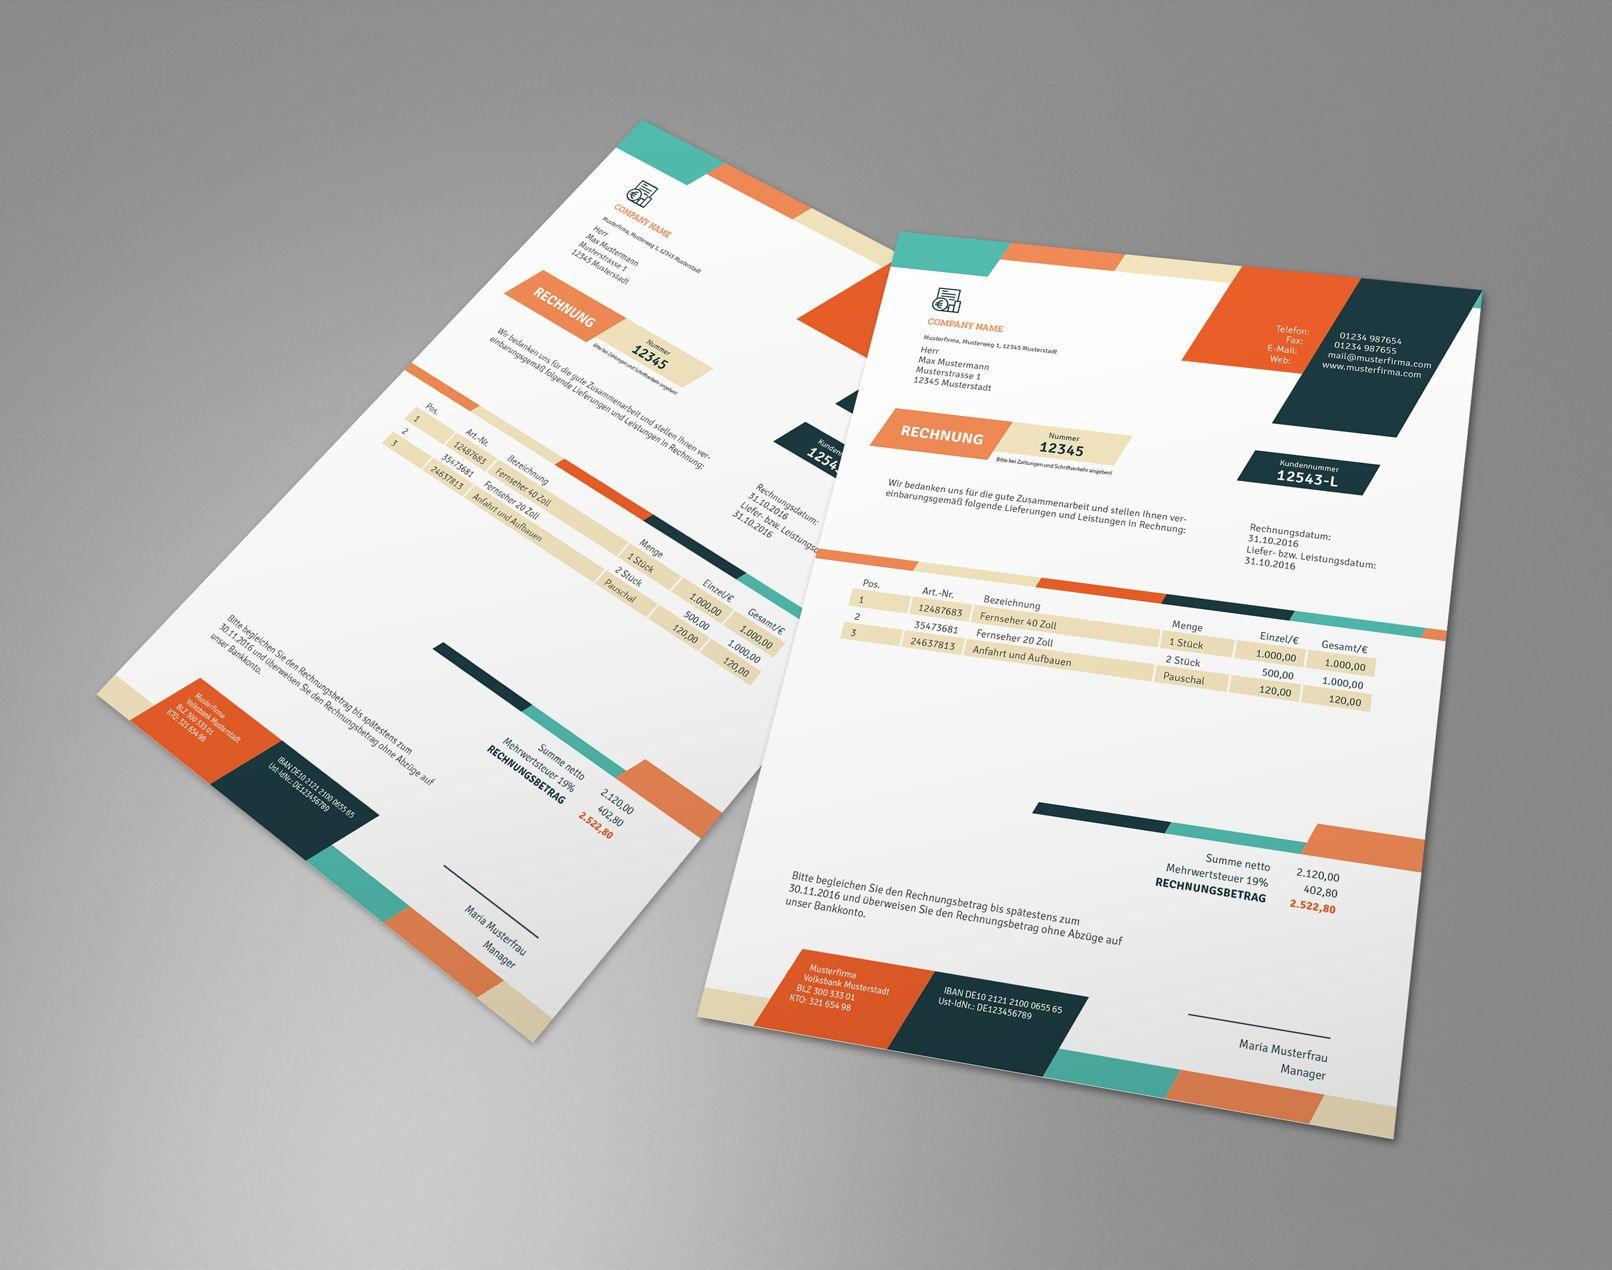 Rechnungsvorlagen Lieferscheine Angebote Muster Herunterladen Rechnungsvorlage Rechnung Vorlage Angebot Muster